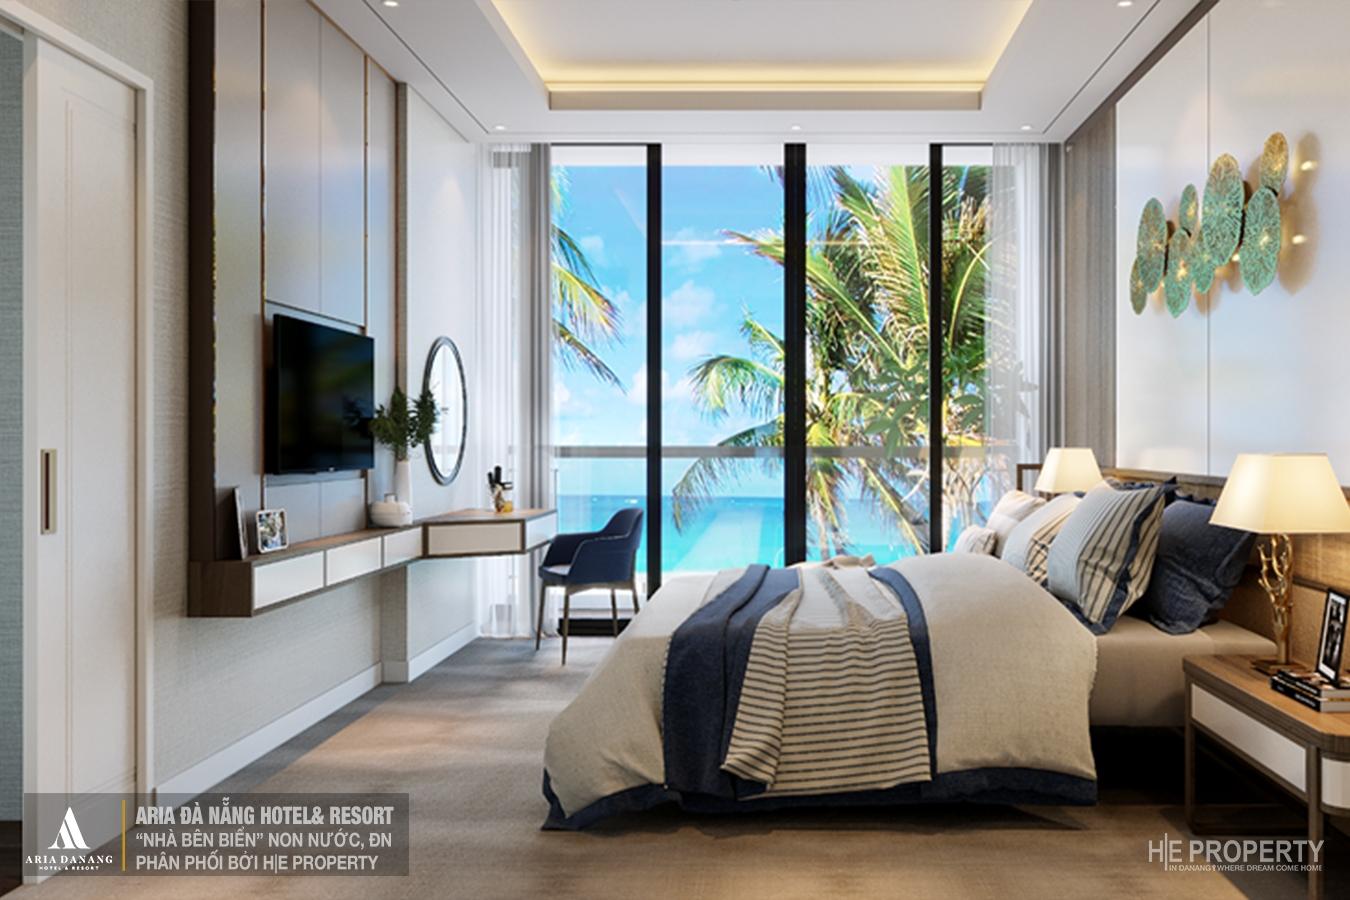 ban can ho view bien da nang, bán căn hộ view biển đà nẵng, bán căn hộ biển đà nẵng, aria đà nẵng hotel & resort